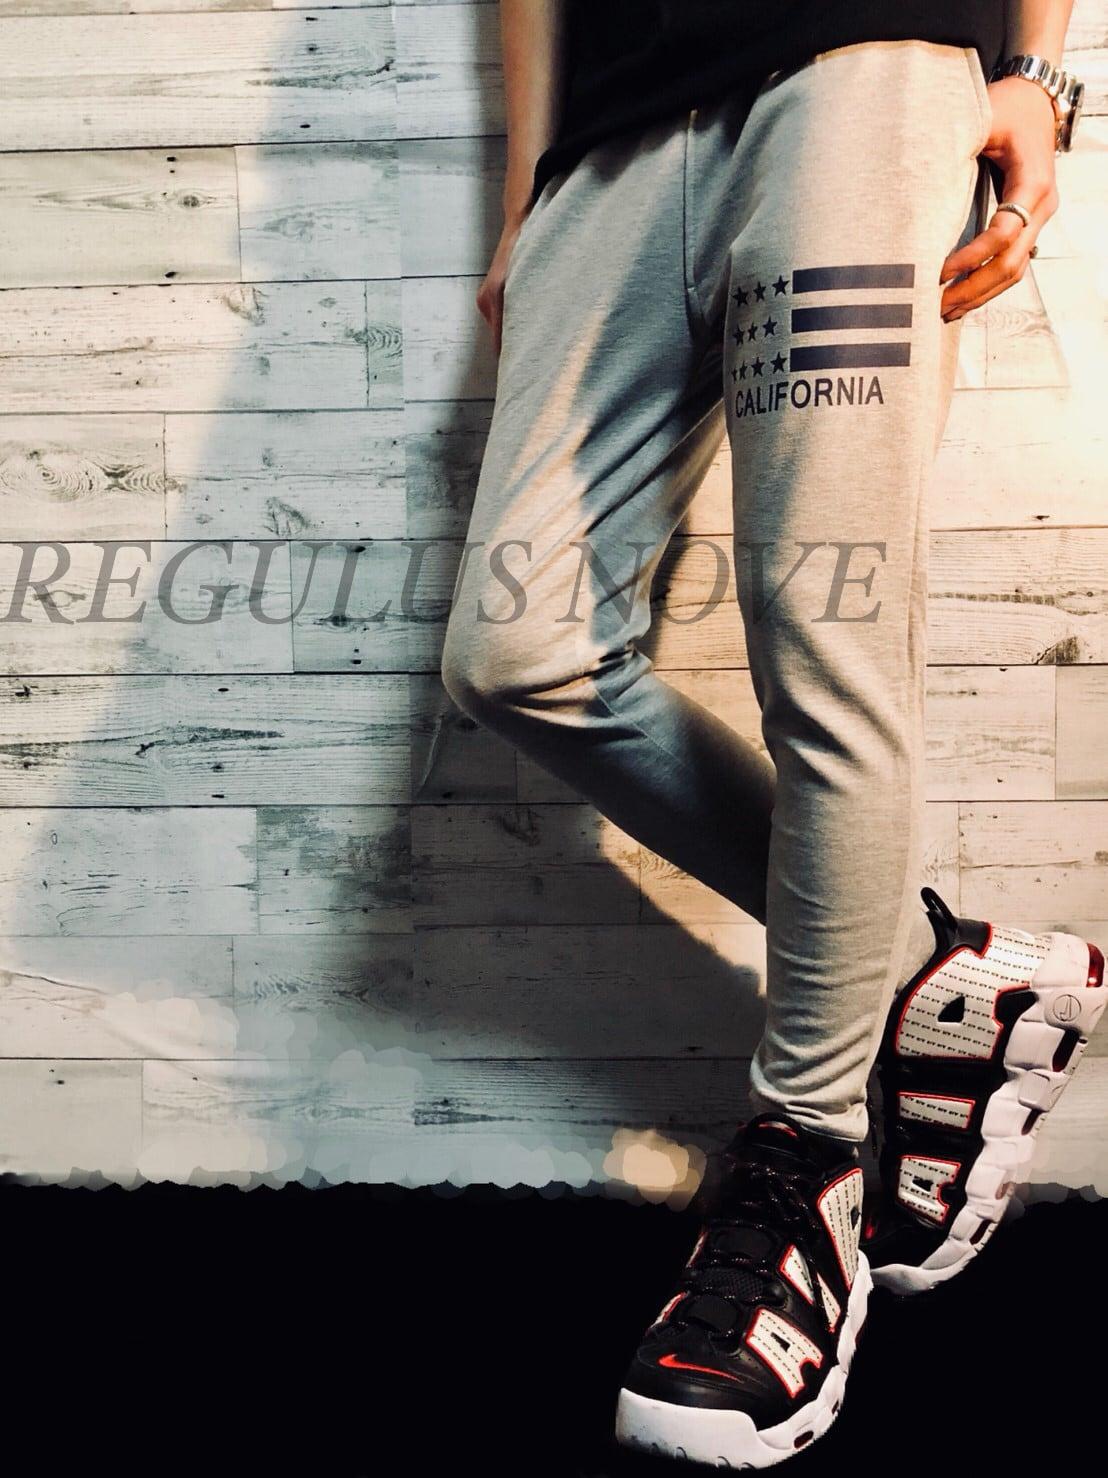 カリフォルニアスウェットジョガーパンツ スウェット ルームウェア スポーツウェア 運動着 トレンド パンツ ボトム ジョガーパンツ